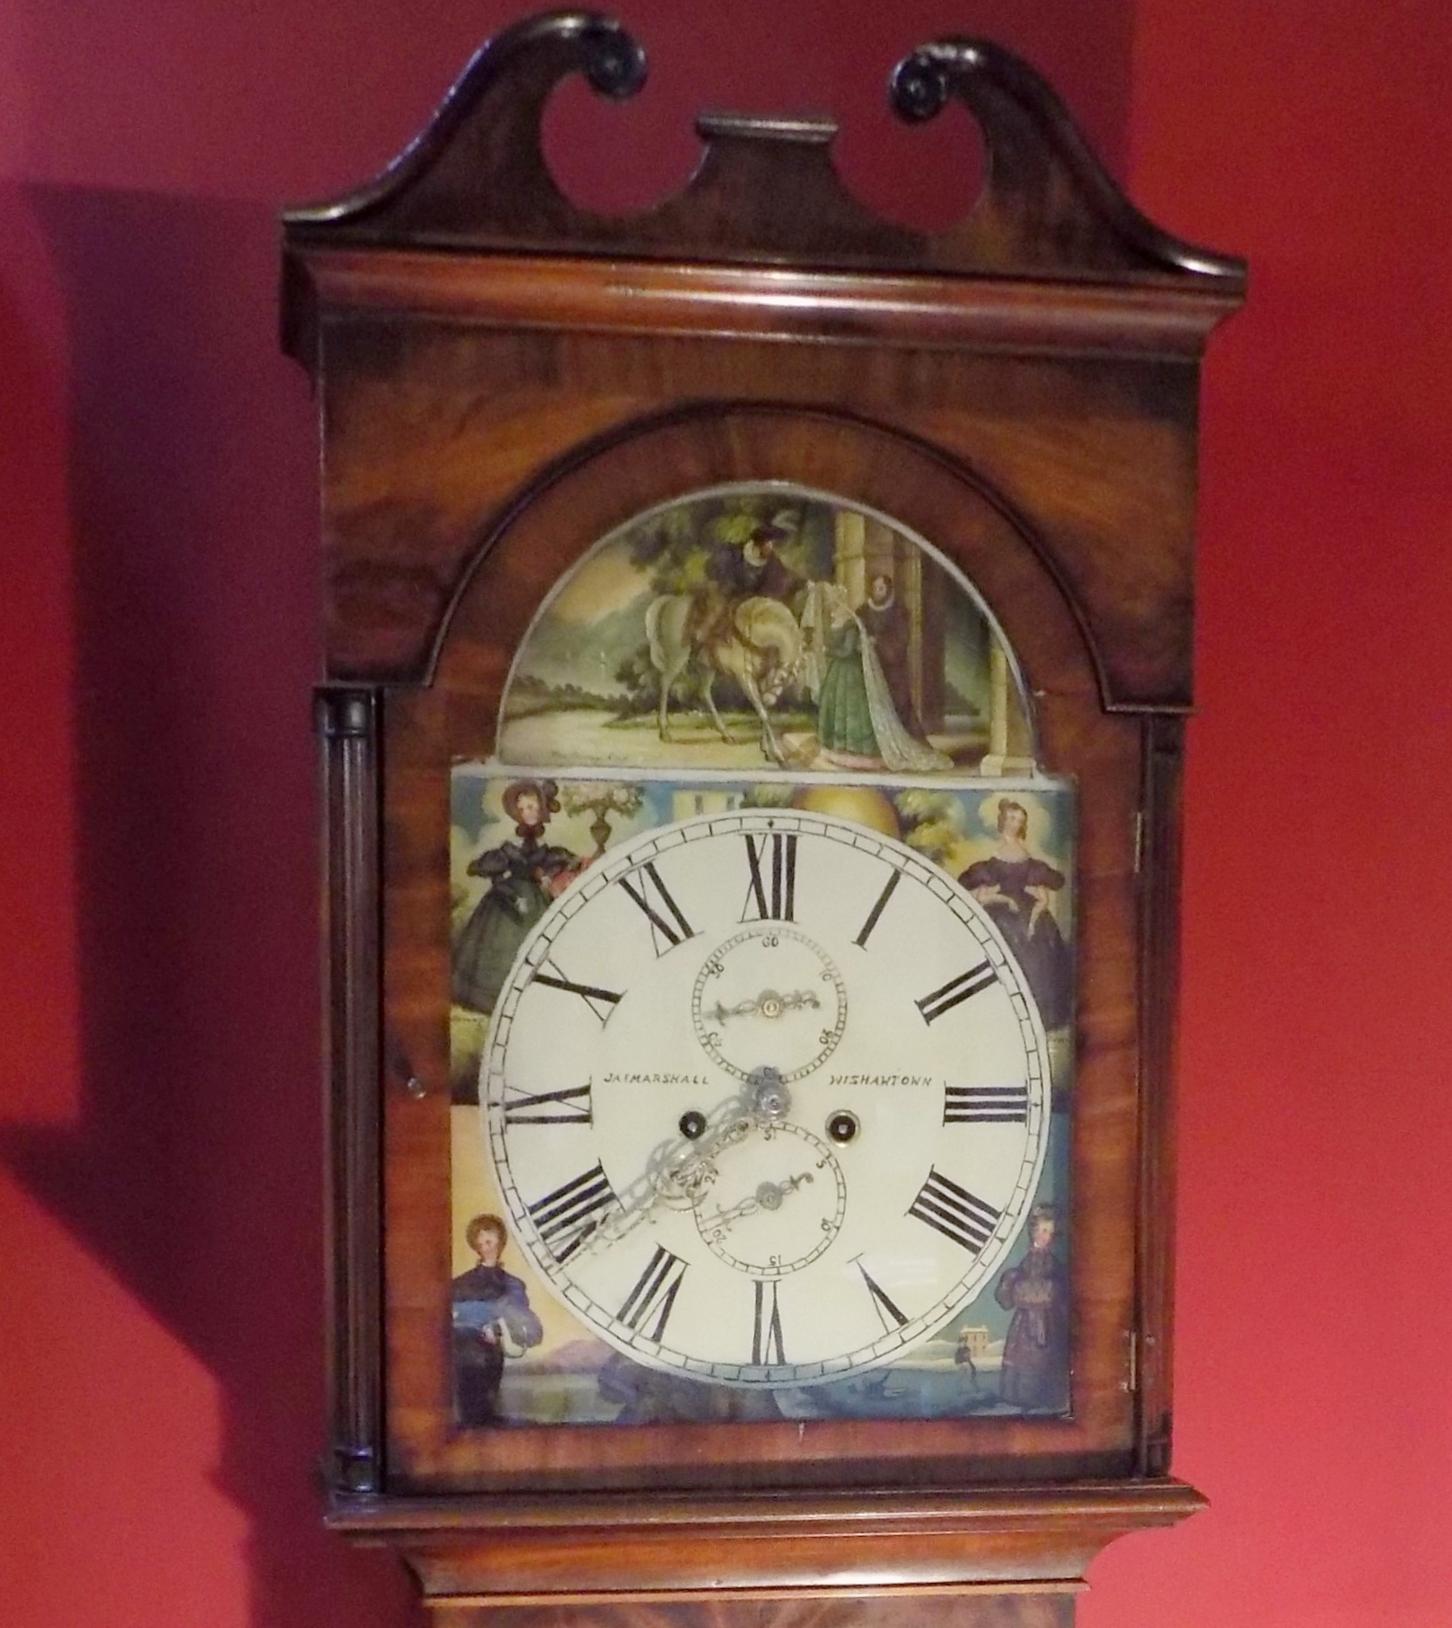 Mahogany longcase clock by James Marshall Wishawtown 1815-1853 £850